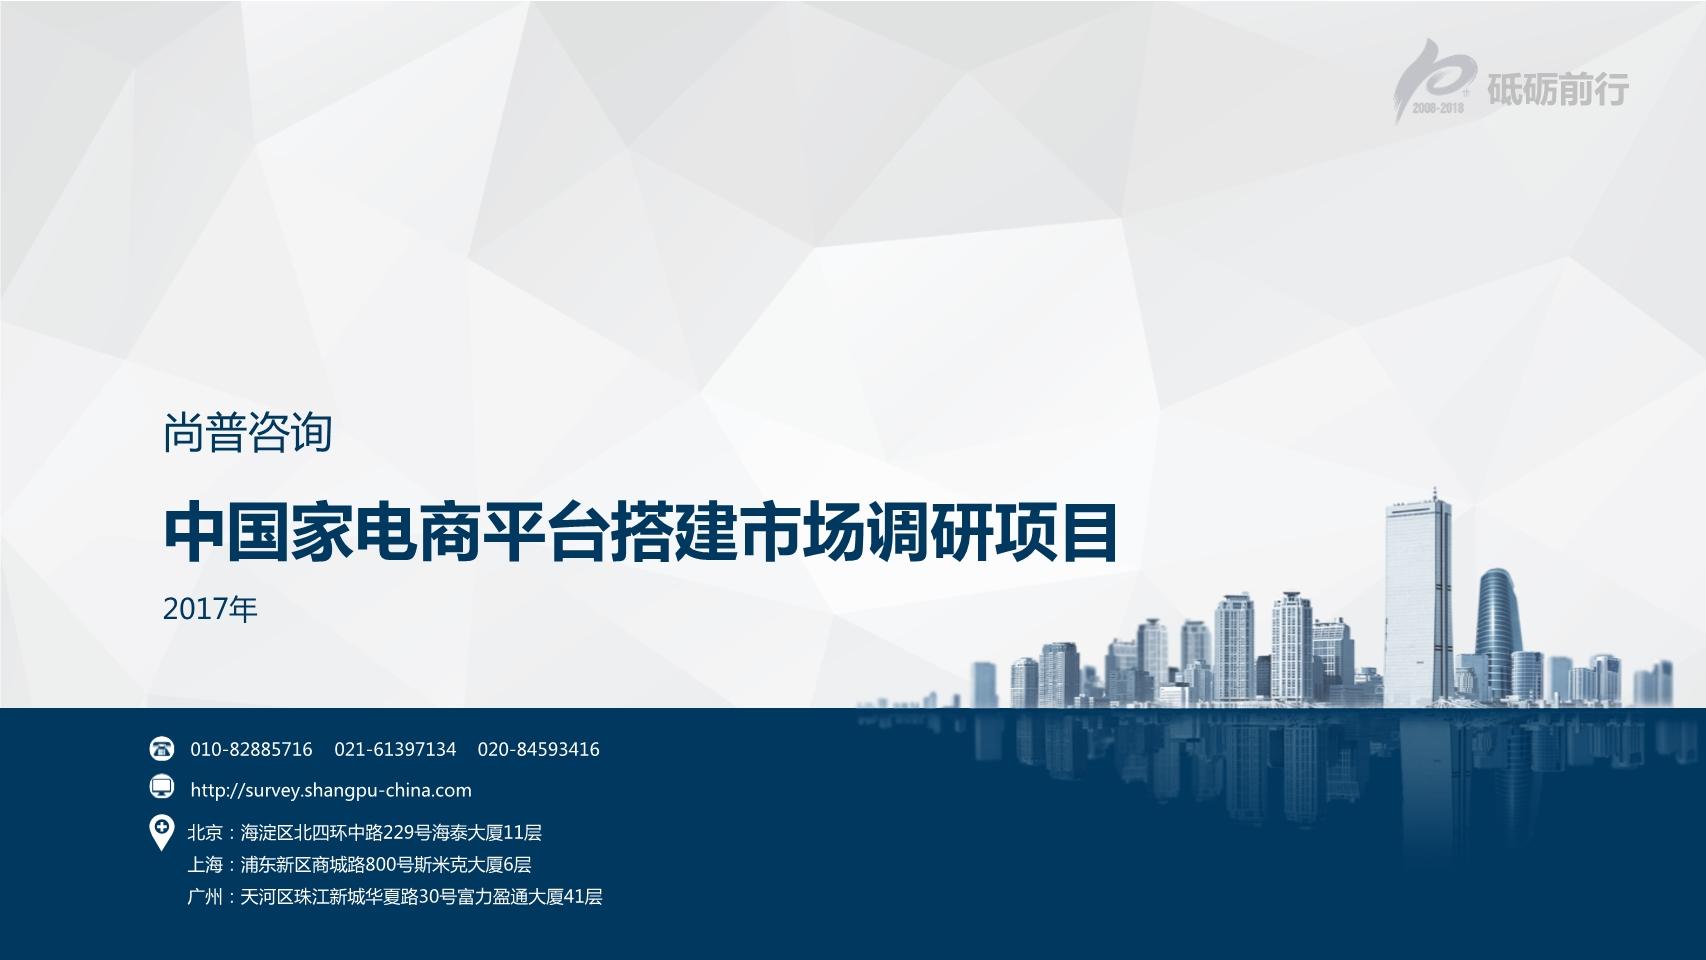 尚普咨询-中国电商平台搭建市场调研项目